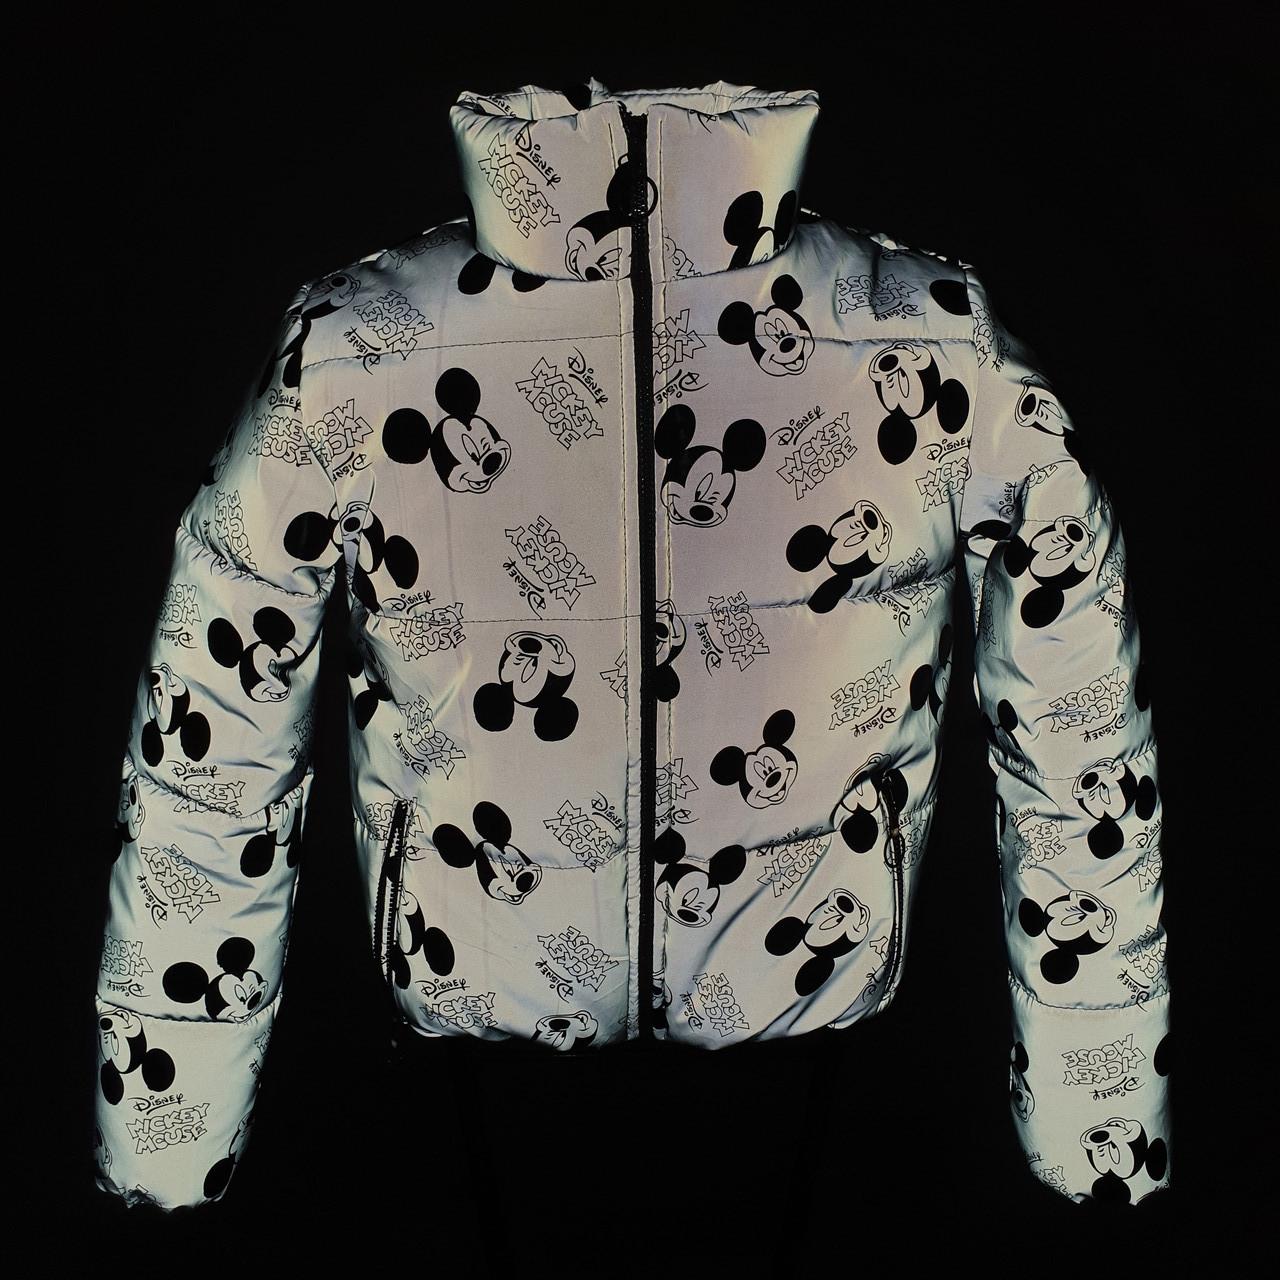 Куртка світловідбиваюча підліткова для дівчинки з рефлективної тканини з принтом Міккі Маус